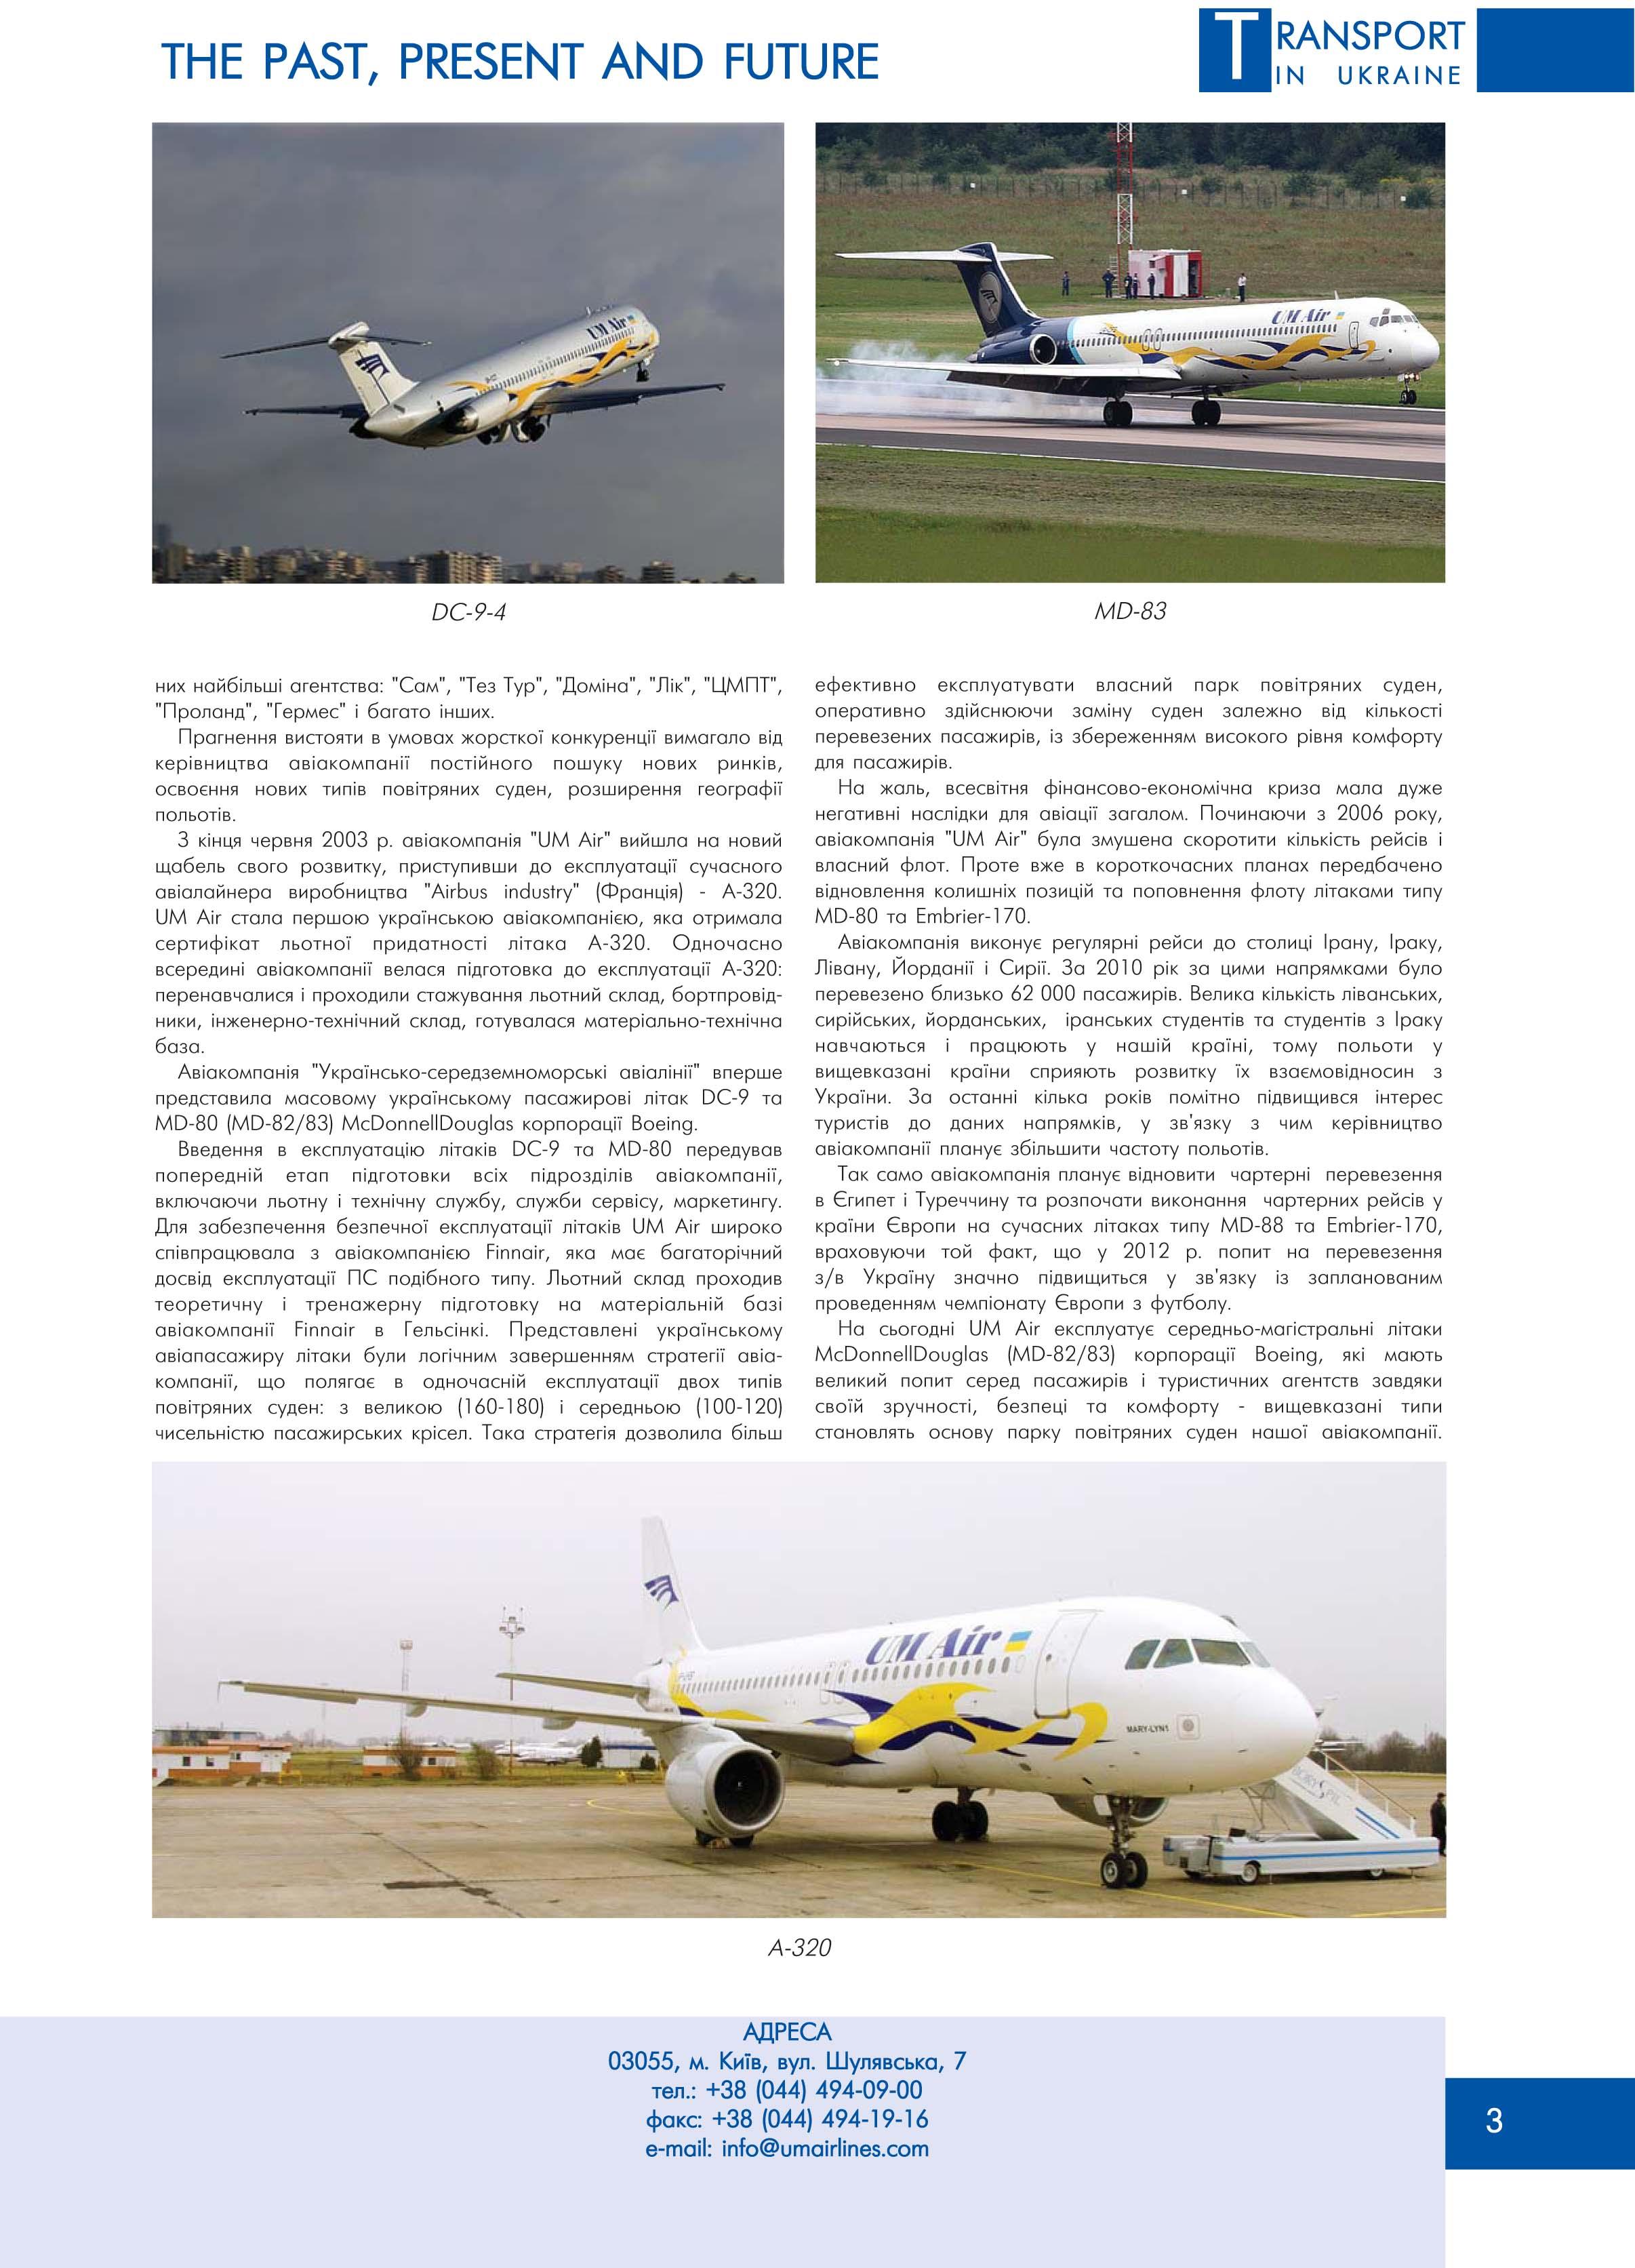 Українсько-середземноморські авіалінії